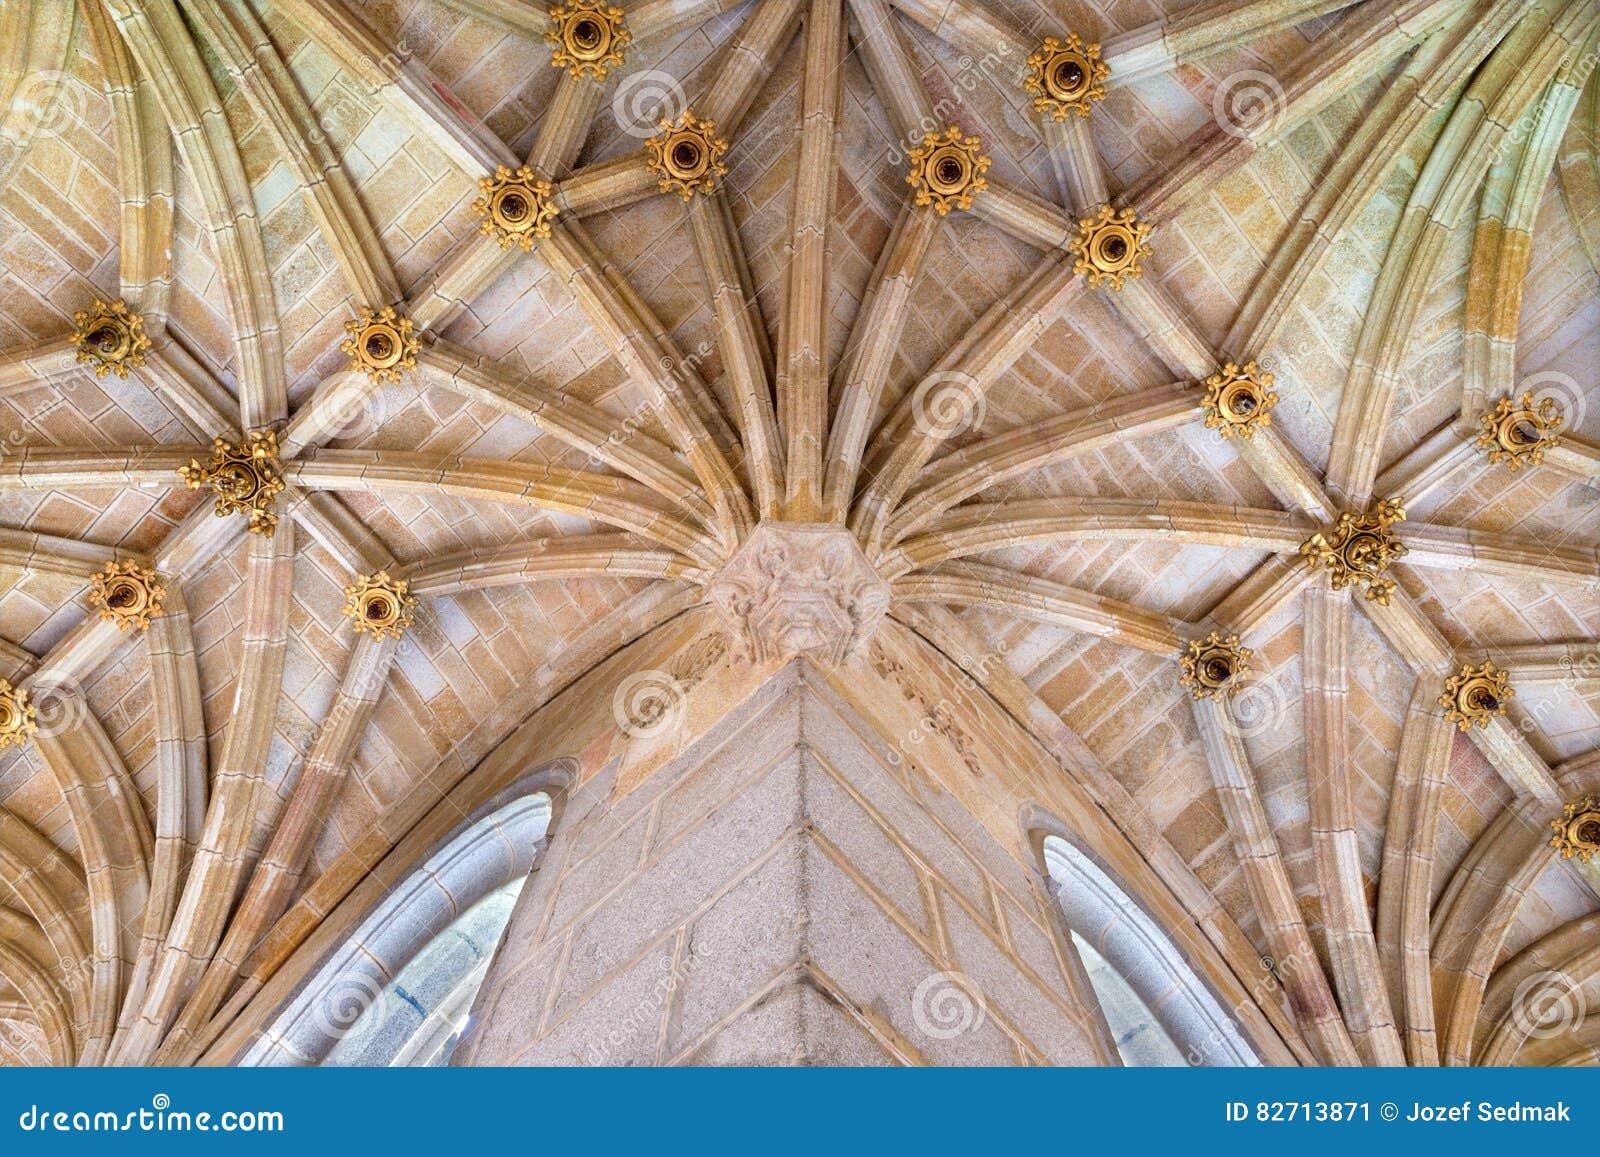 Avila Spain April 18 2016 The Vault Gothic Atrium Of Church